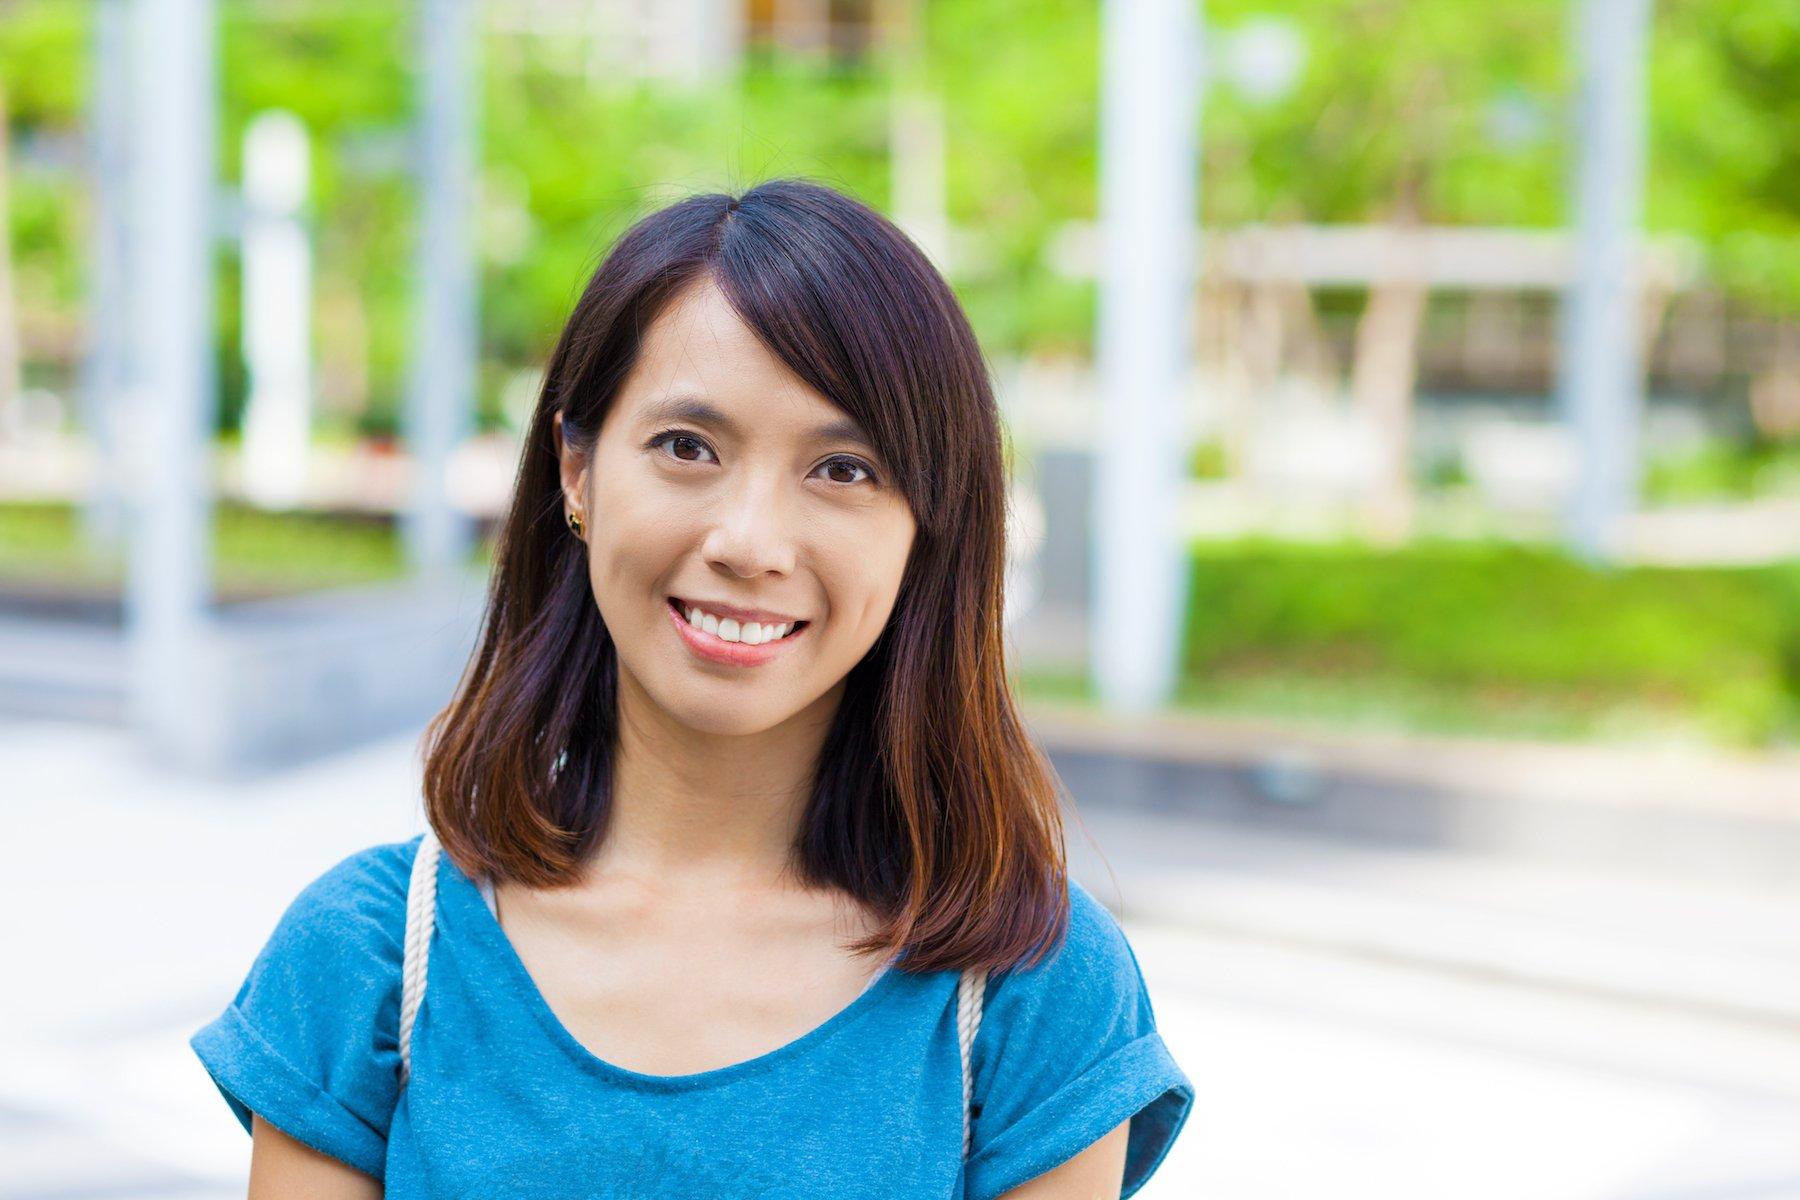 23. wanita asia dengan model rambut pendek sebahu dan poni samping